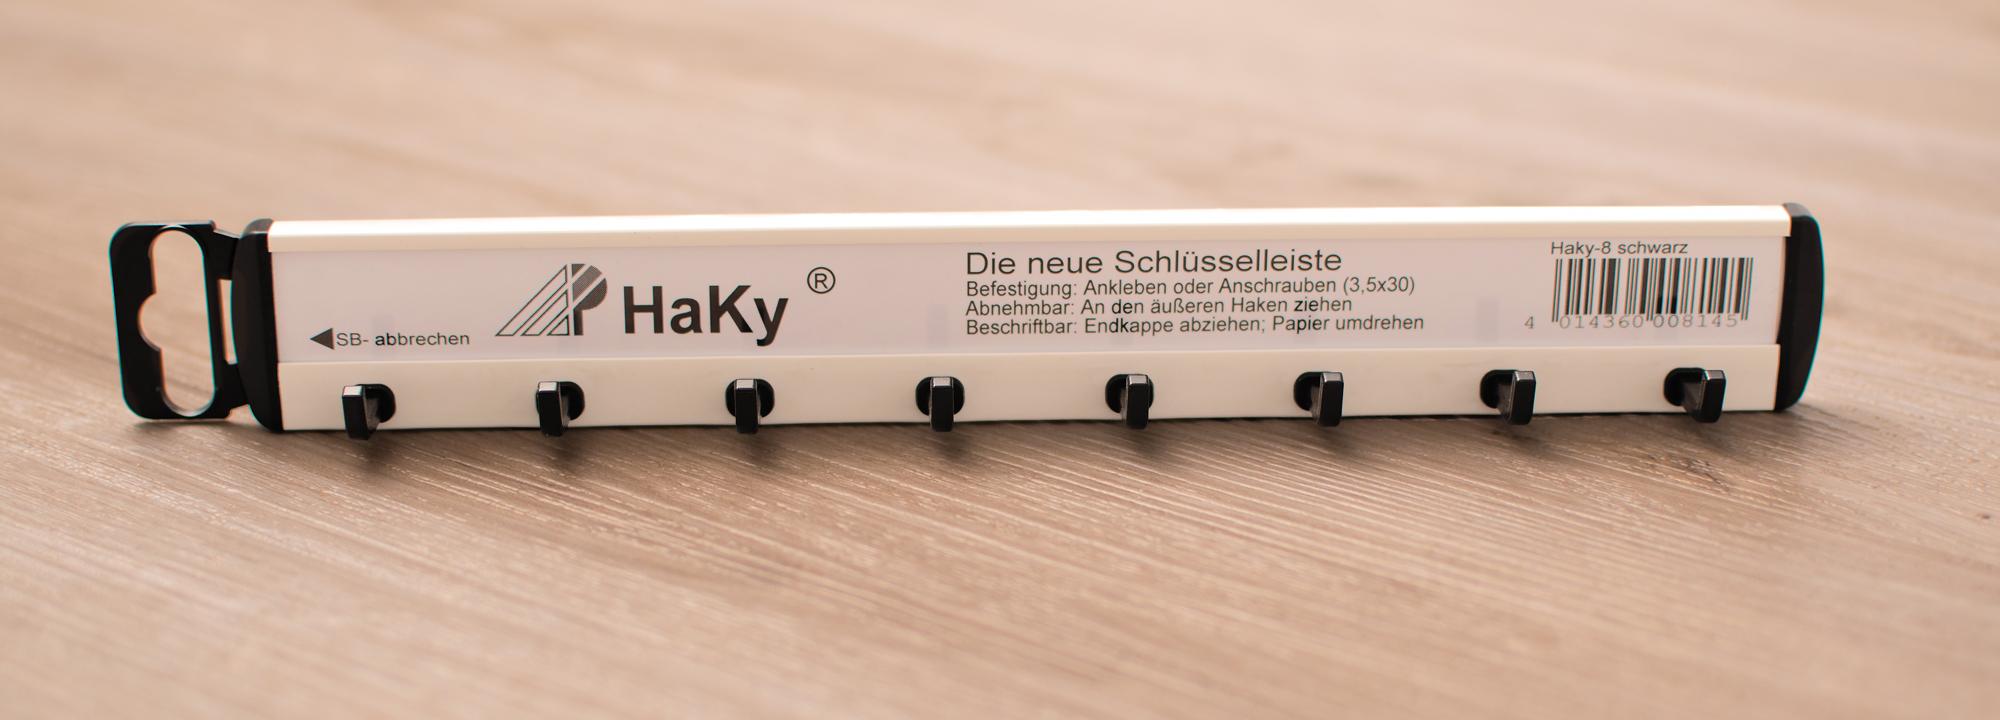 Haky 8